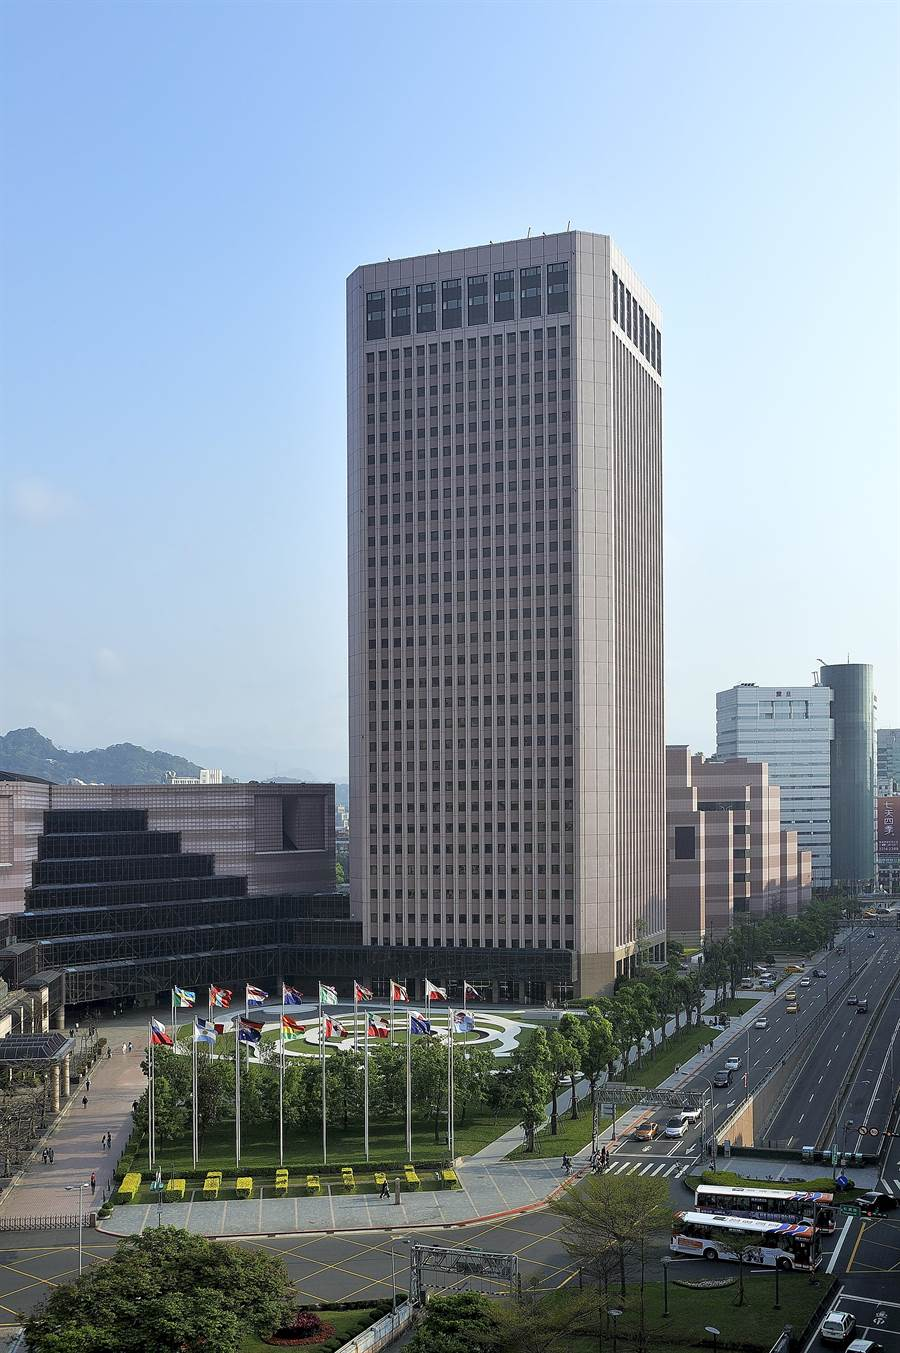 位在台北市信義區的國貿大樓以管理與服務優質,被評為「台北10大名辦」之一,世貿聯誼社就位在最高樓層。(圖/國貿大樓)